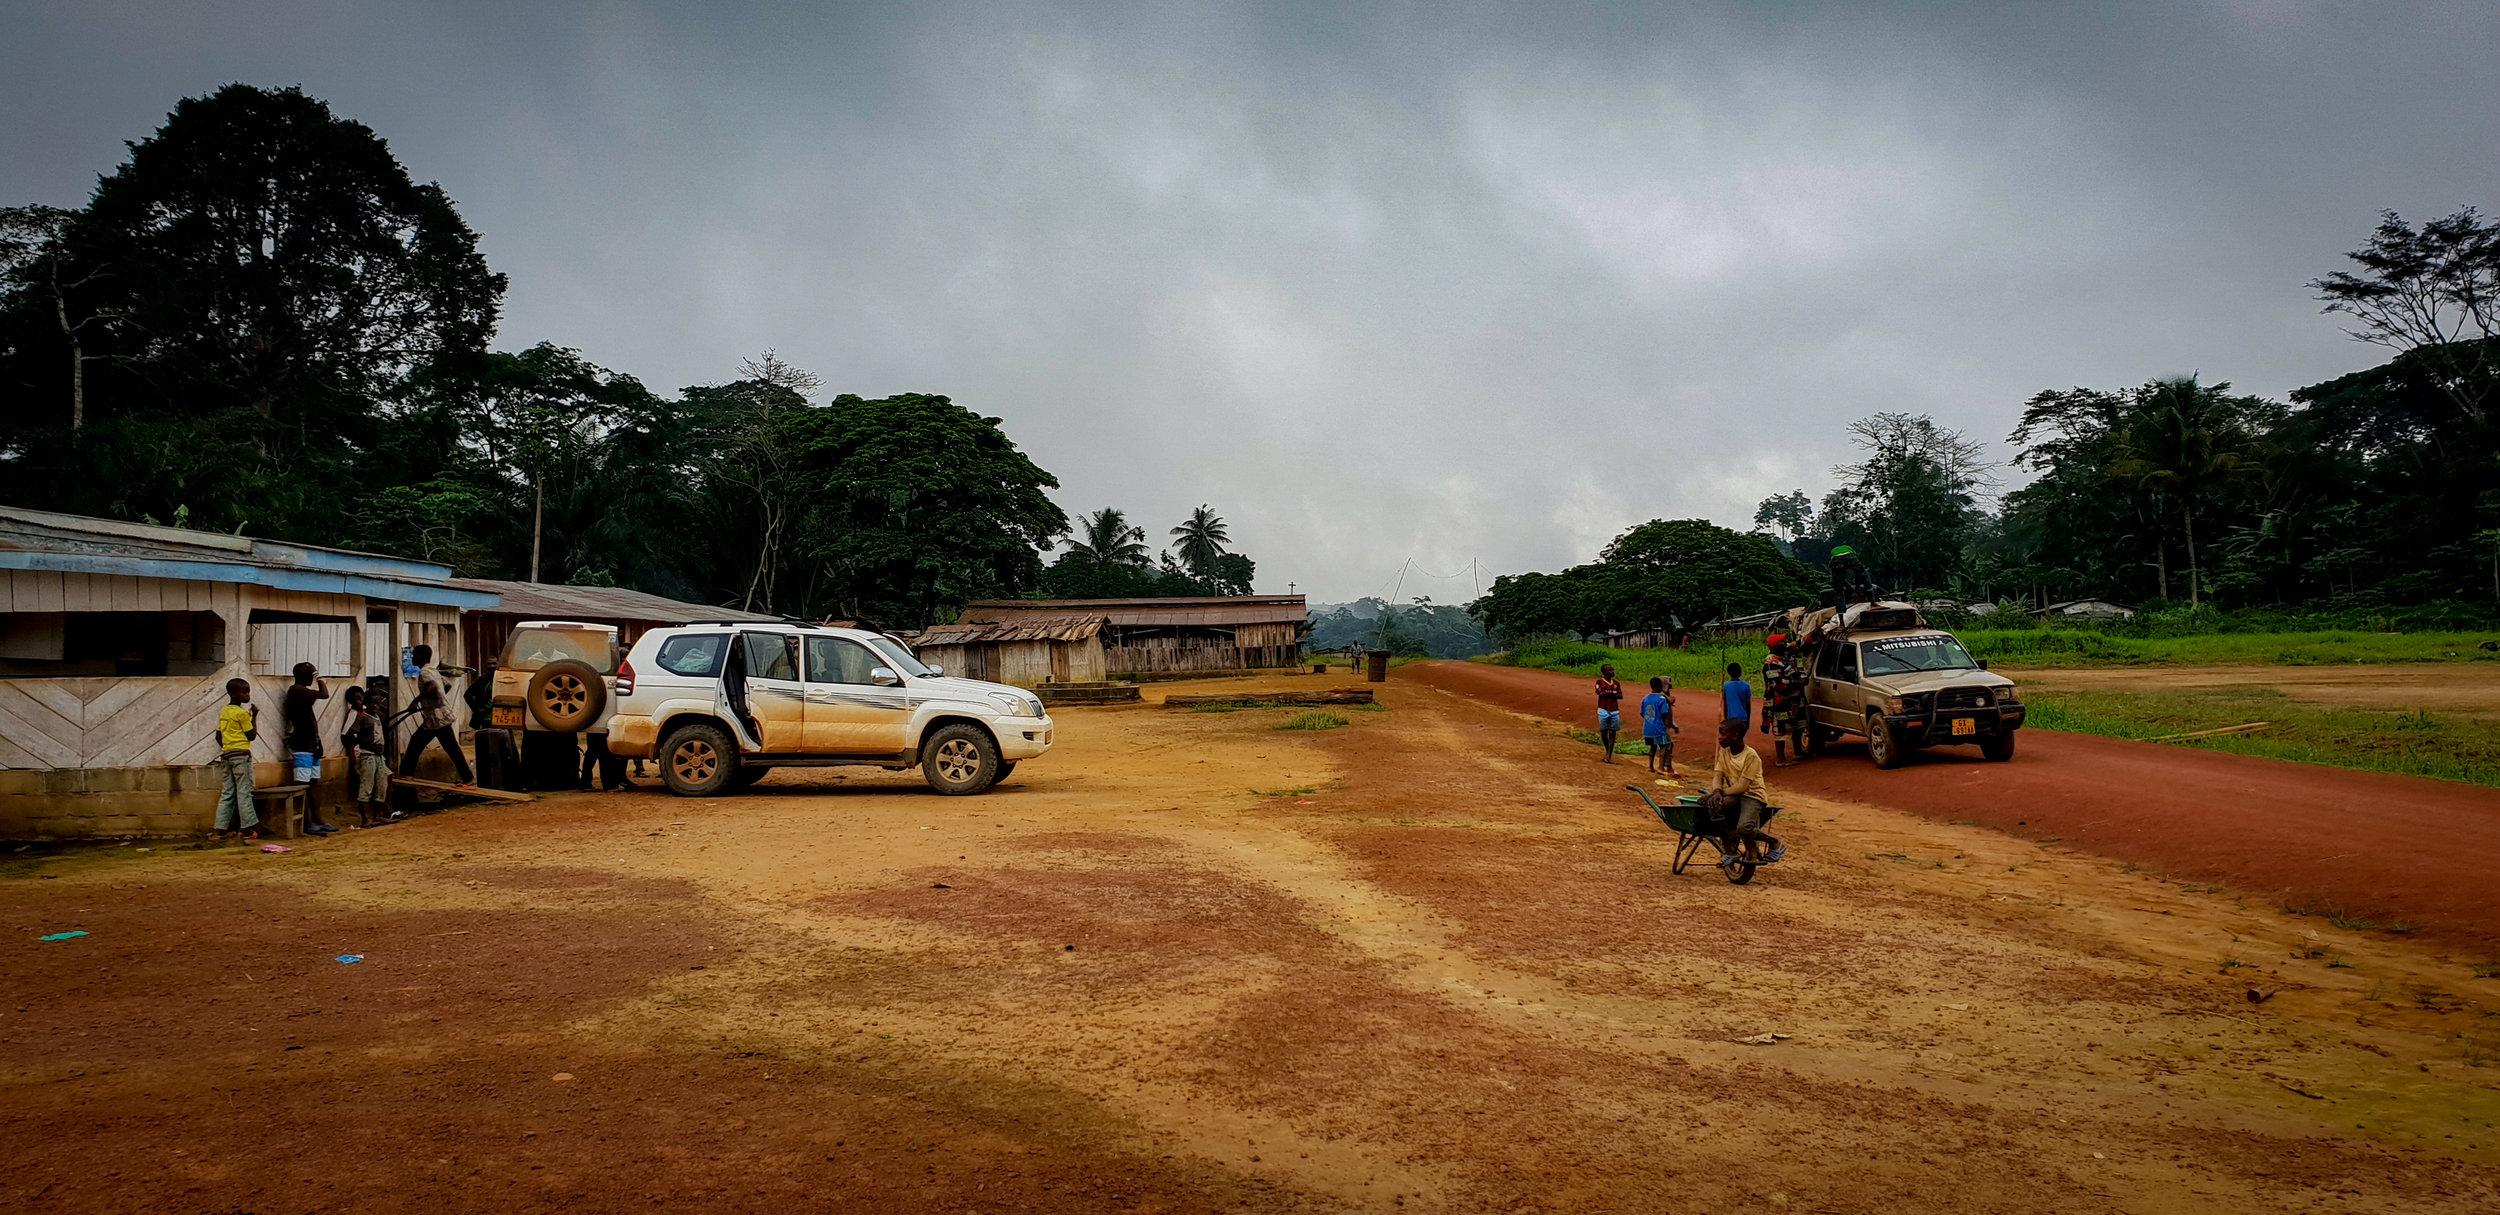 Overcast morning in Mohoba village